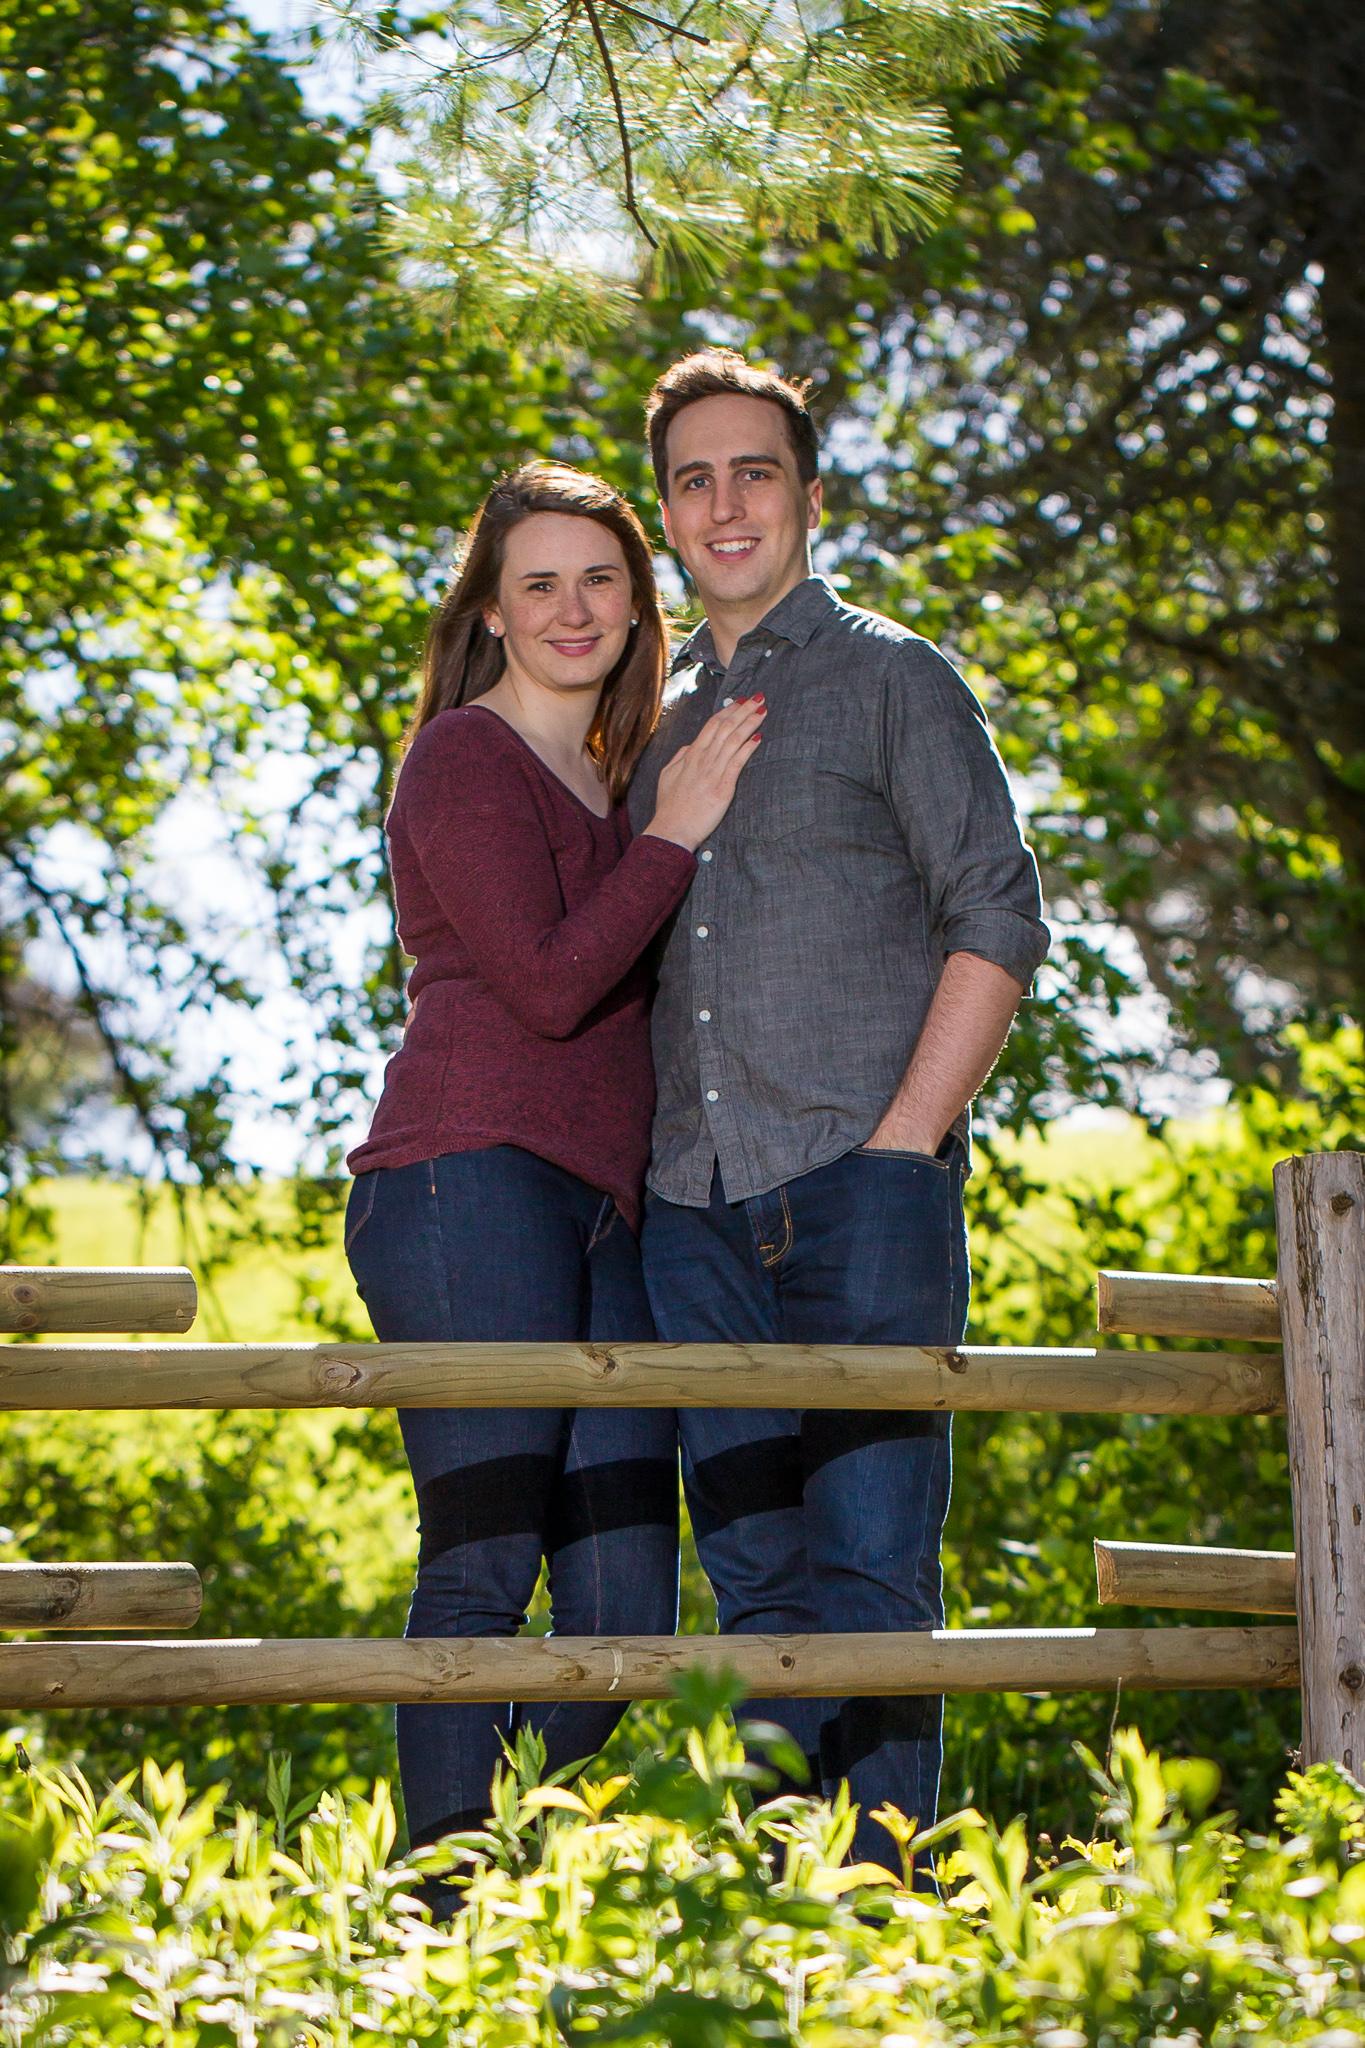 Engagement Photoshoot 11